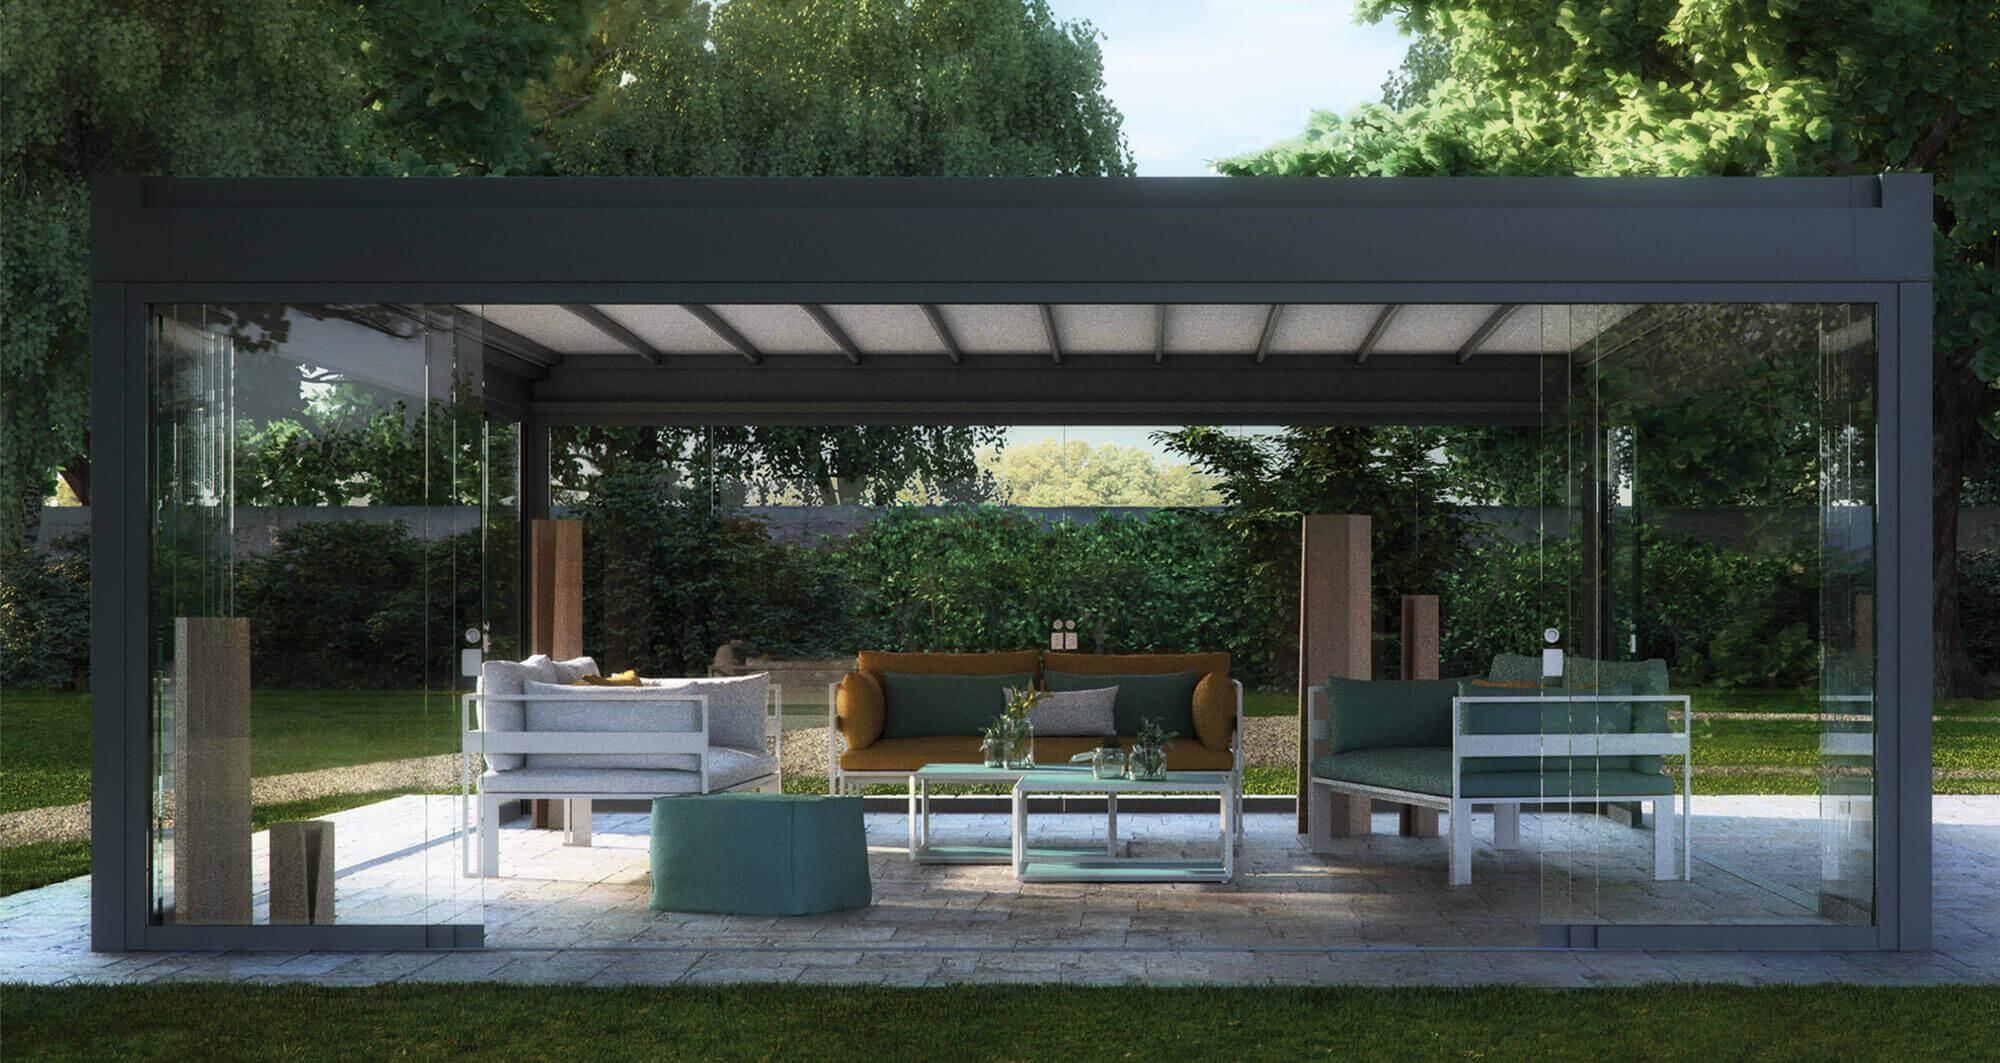 Relaxdach Falt freistehend auf Platten in Garten mit Glasschiebewänden; innen drinnen mehrere Sitzgelegenheiten und ein kleiner Tisch